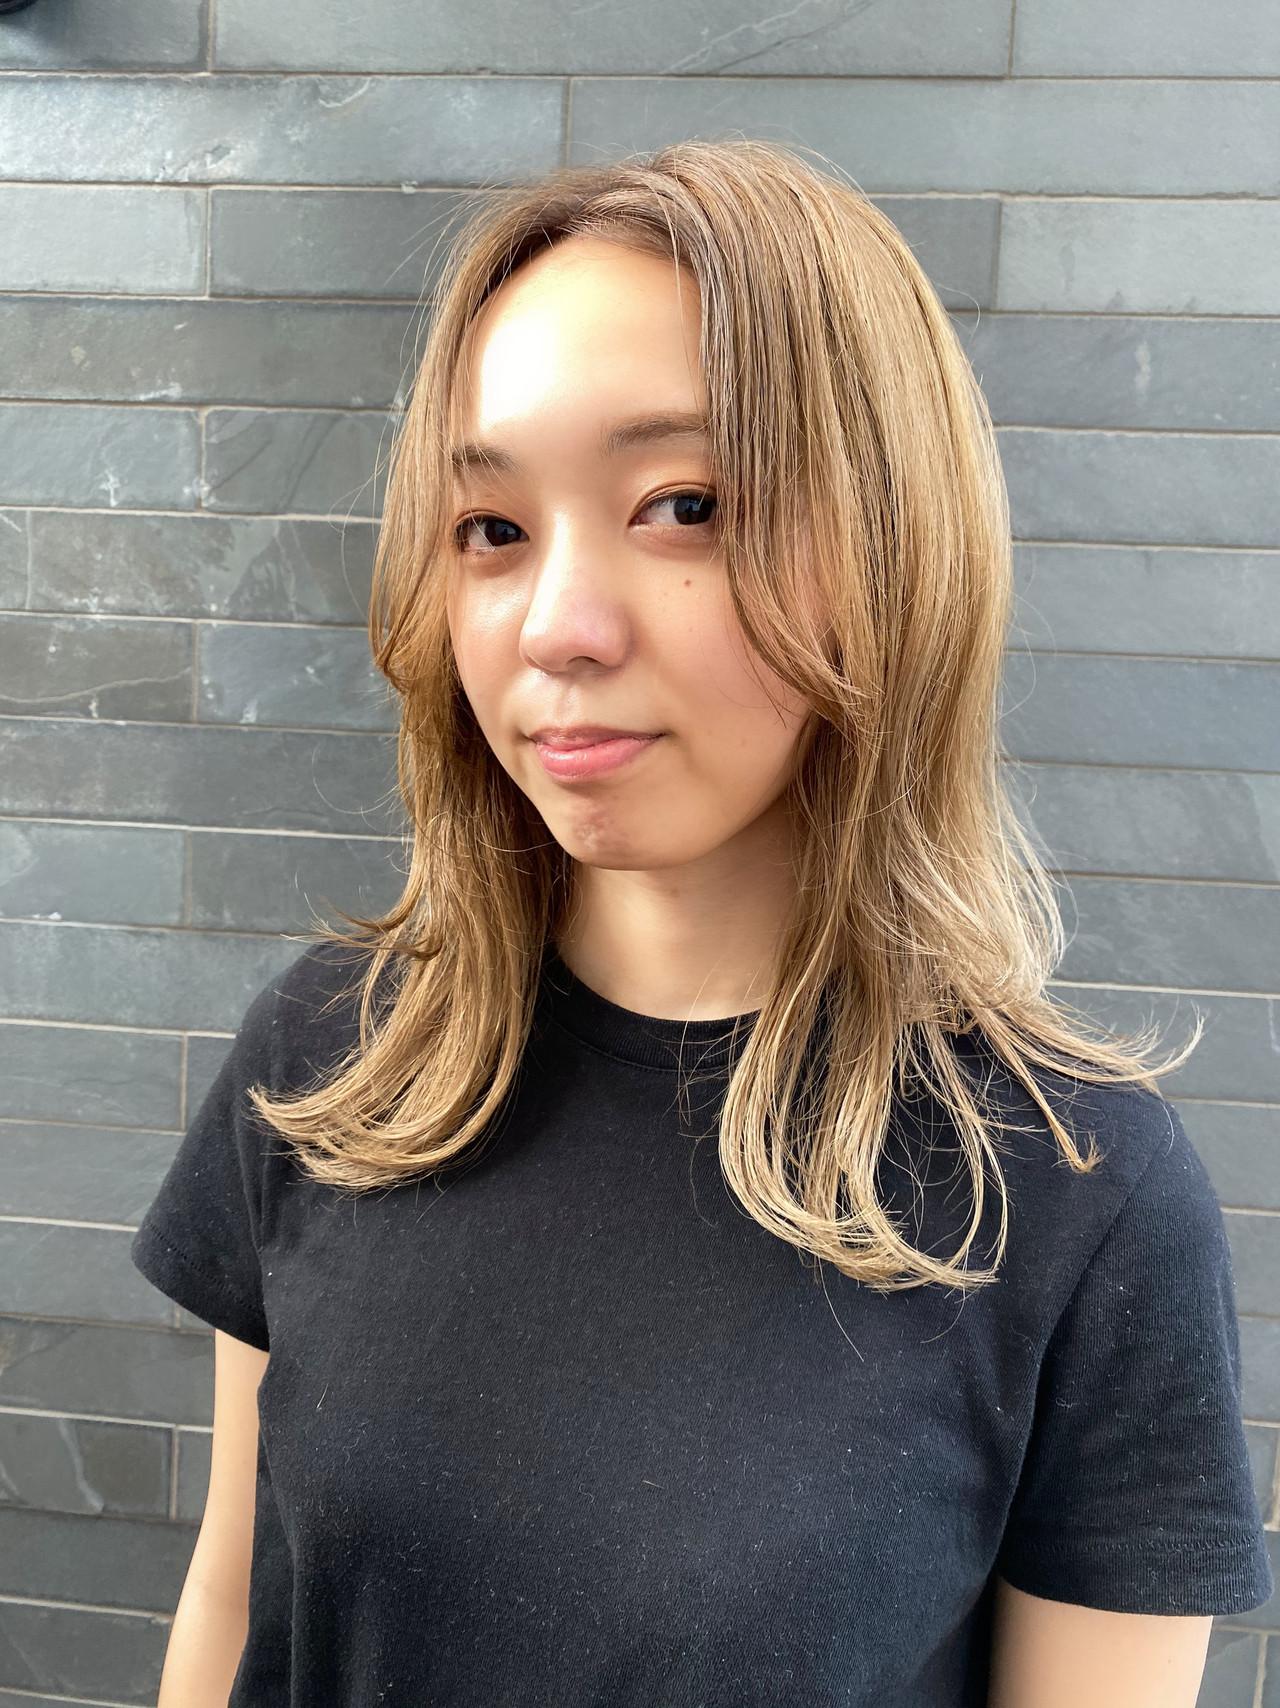 ウルフレイヤー レイヤーカット ハイトーン ストリート ヘアスタイルや髪型の写真・画像